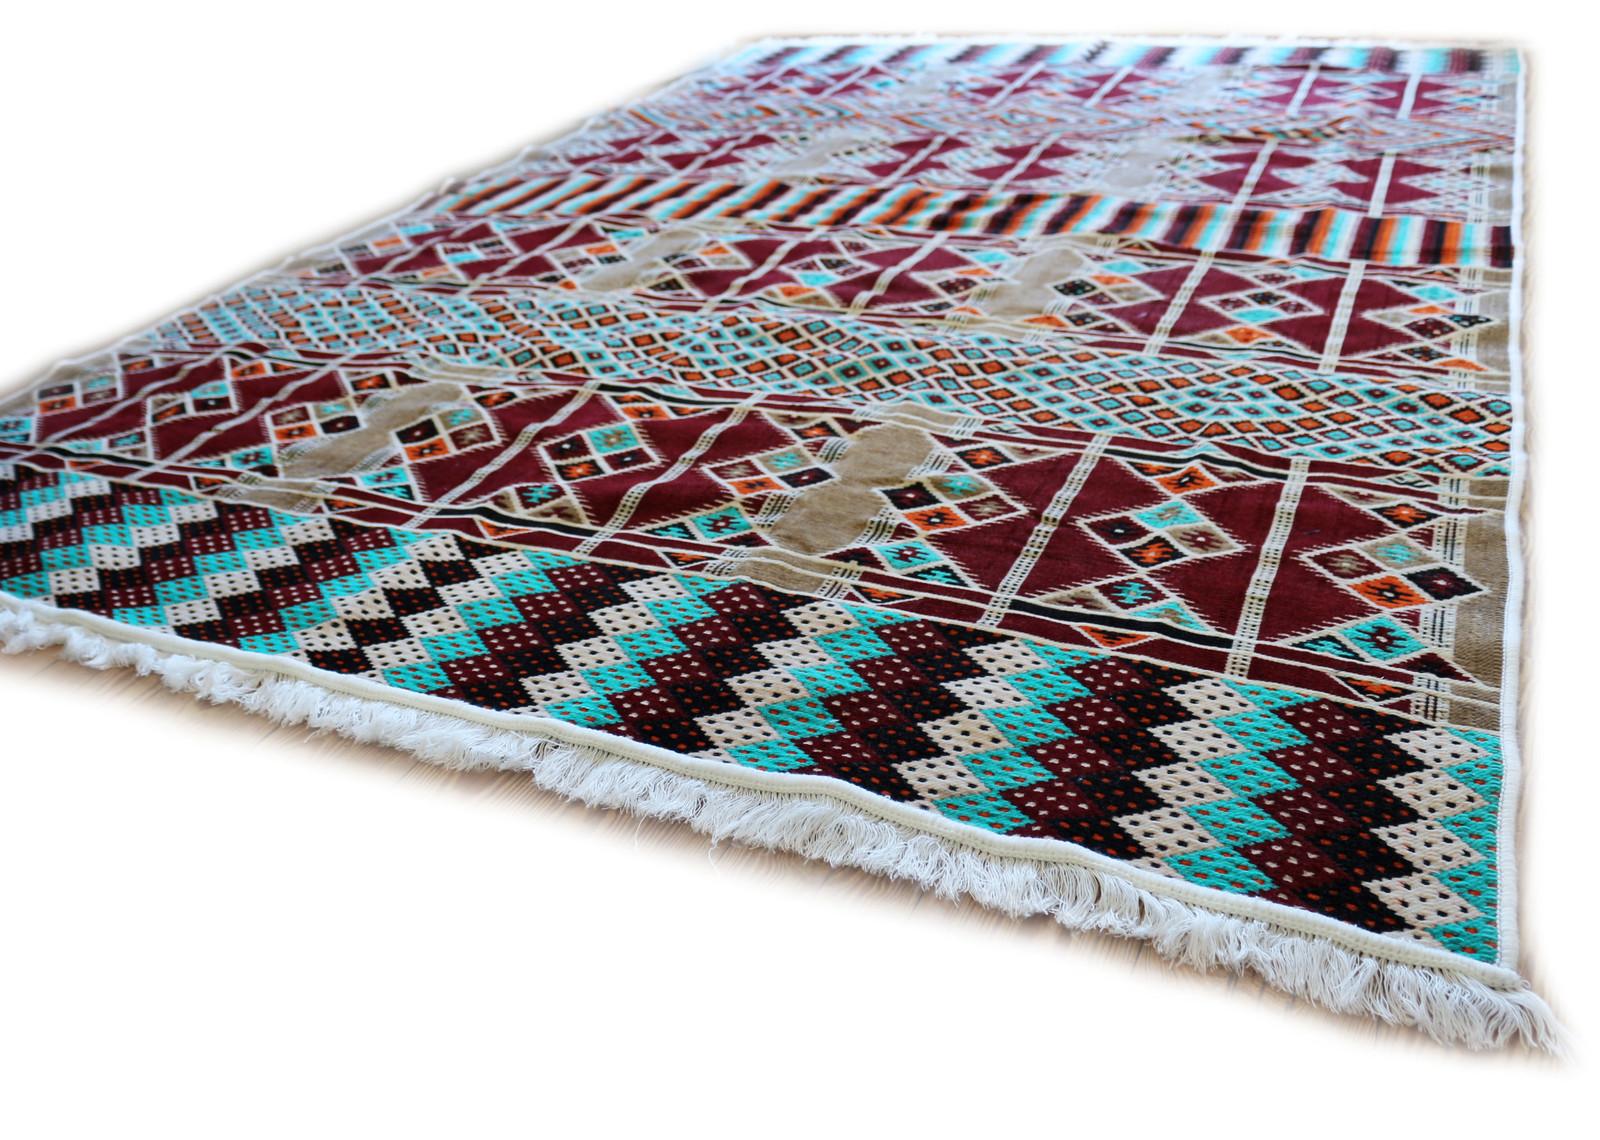 Teppiche Kunsthandwerk Schmuckschatullen Hamburg Damaskunst